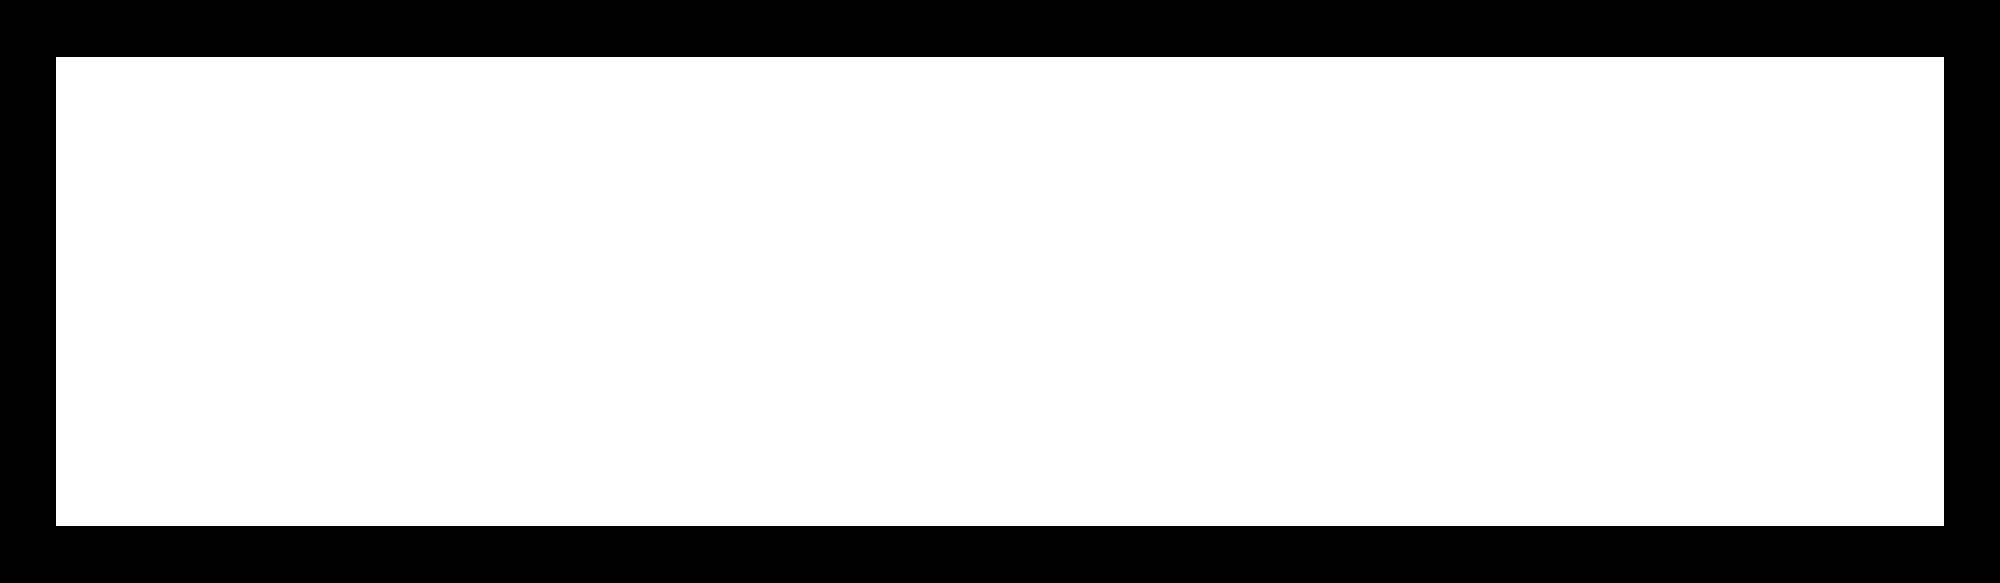 Formulaire de réservation en ligne - 50e Parallèle